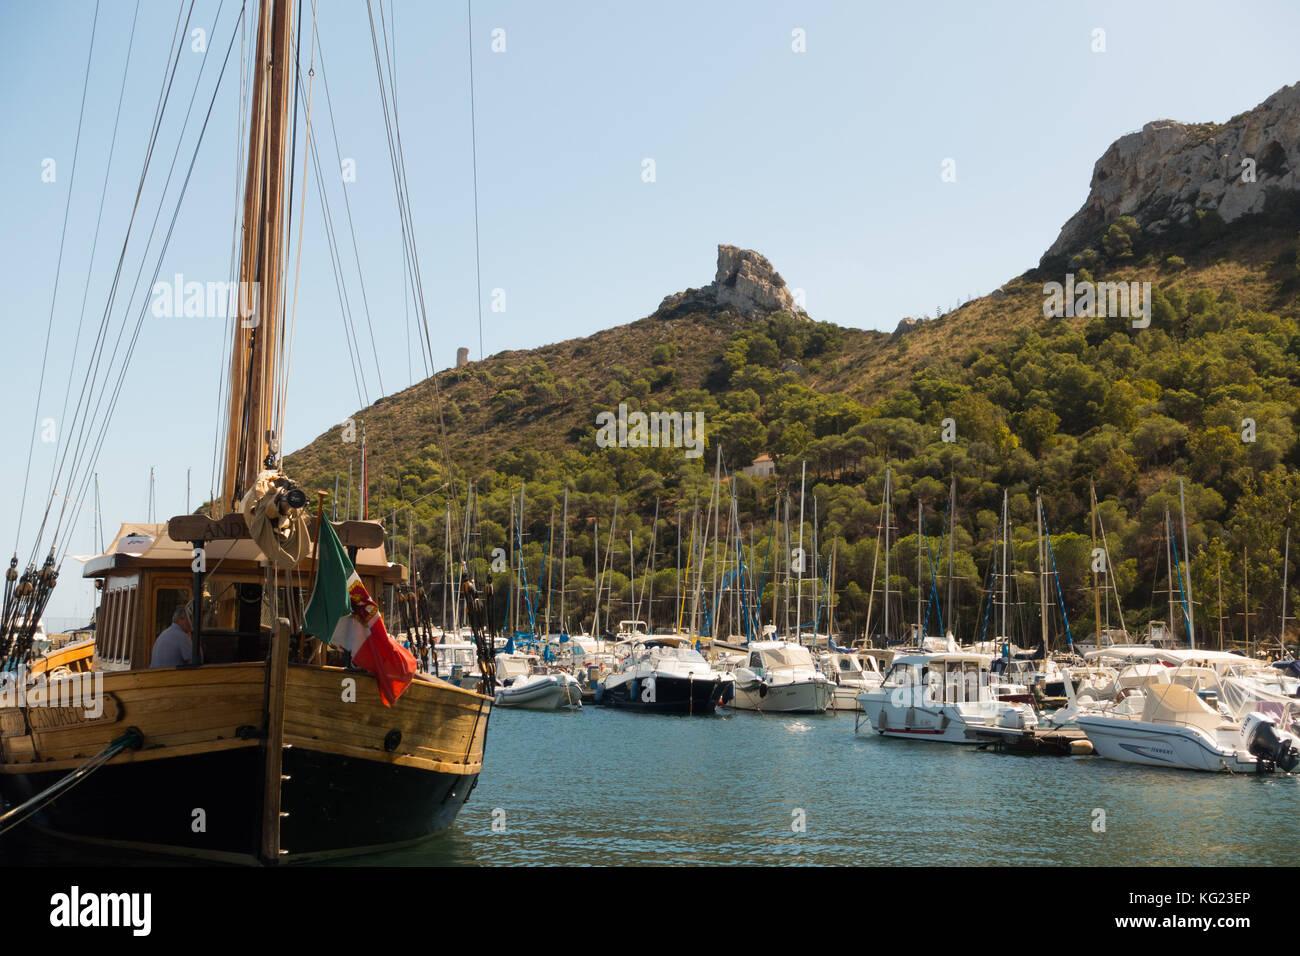 Cagliari Port Immagini e Fotos Stock - Alamy